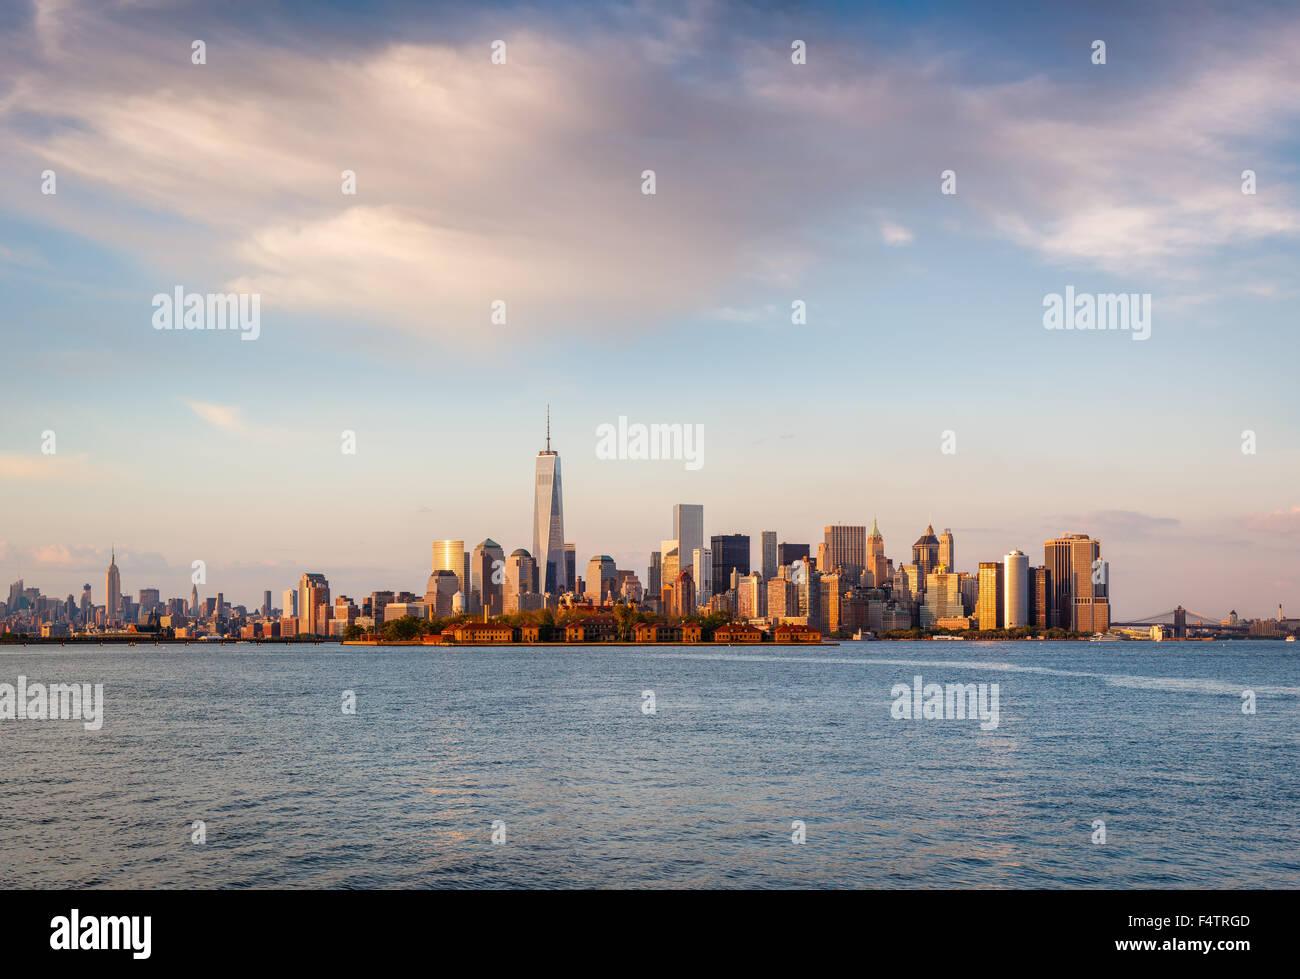 New York grattacieli e il quartiere finanziario di Lower Manhattan nella luce del tramonto con Battery Park ed Ellis Immagini Stock